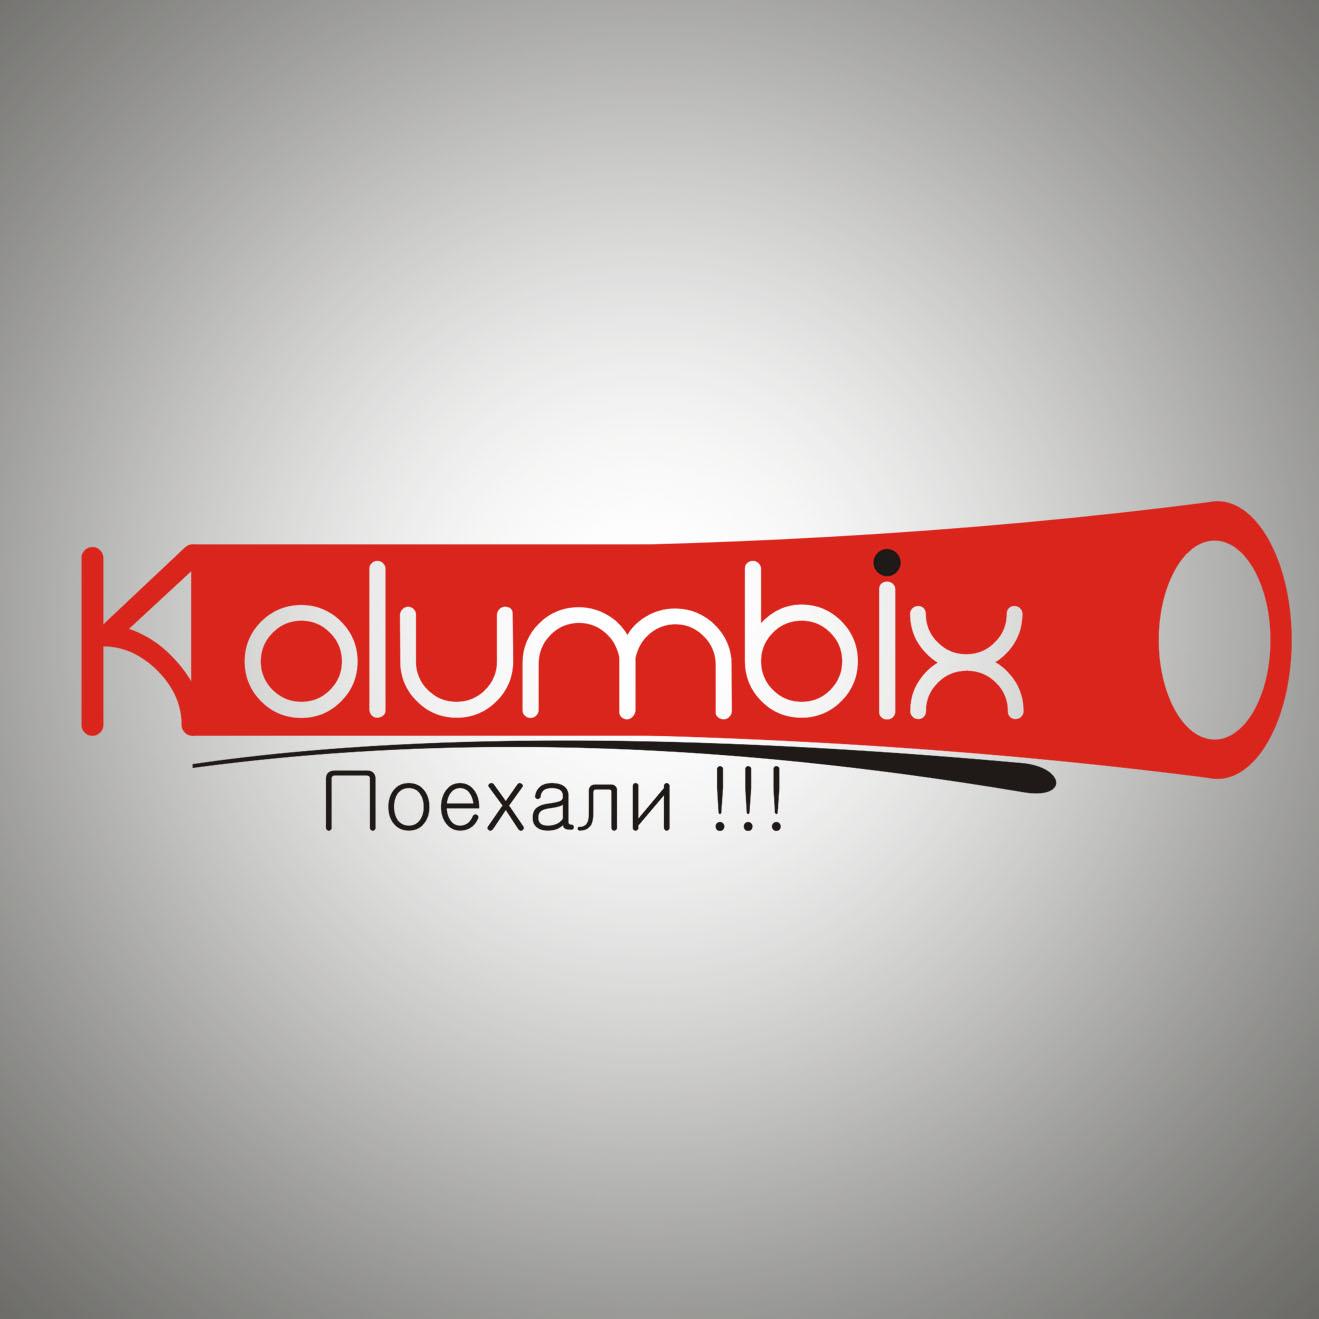 Создание логотипа для туристической фирмы Kolumbix фото f_4fb51e0f2b723.jpg